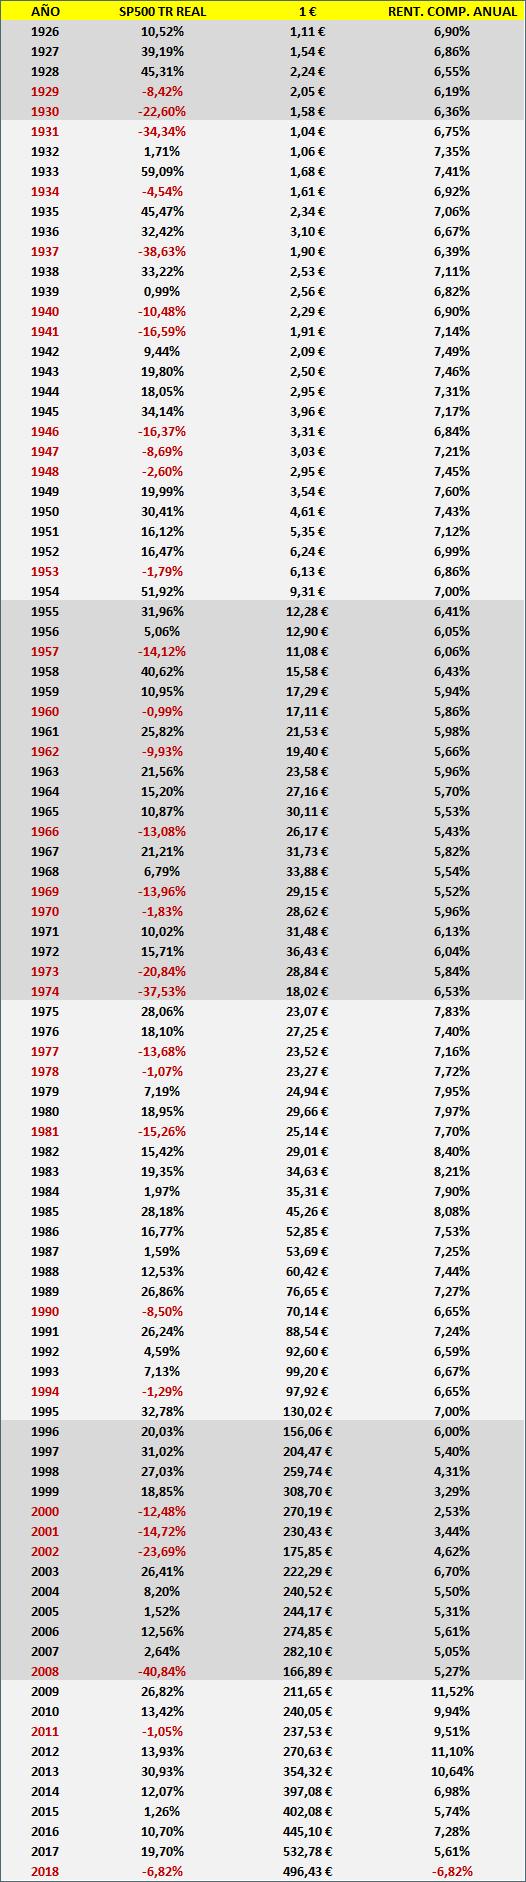 rentabilidad compuesta anual del SP500 TR desde 1926 hasta 2018. La reversión a la media o la media de la reversión.